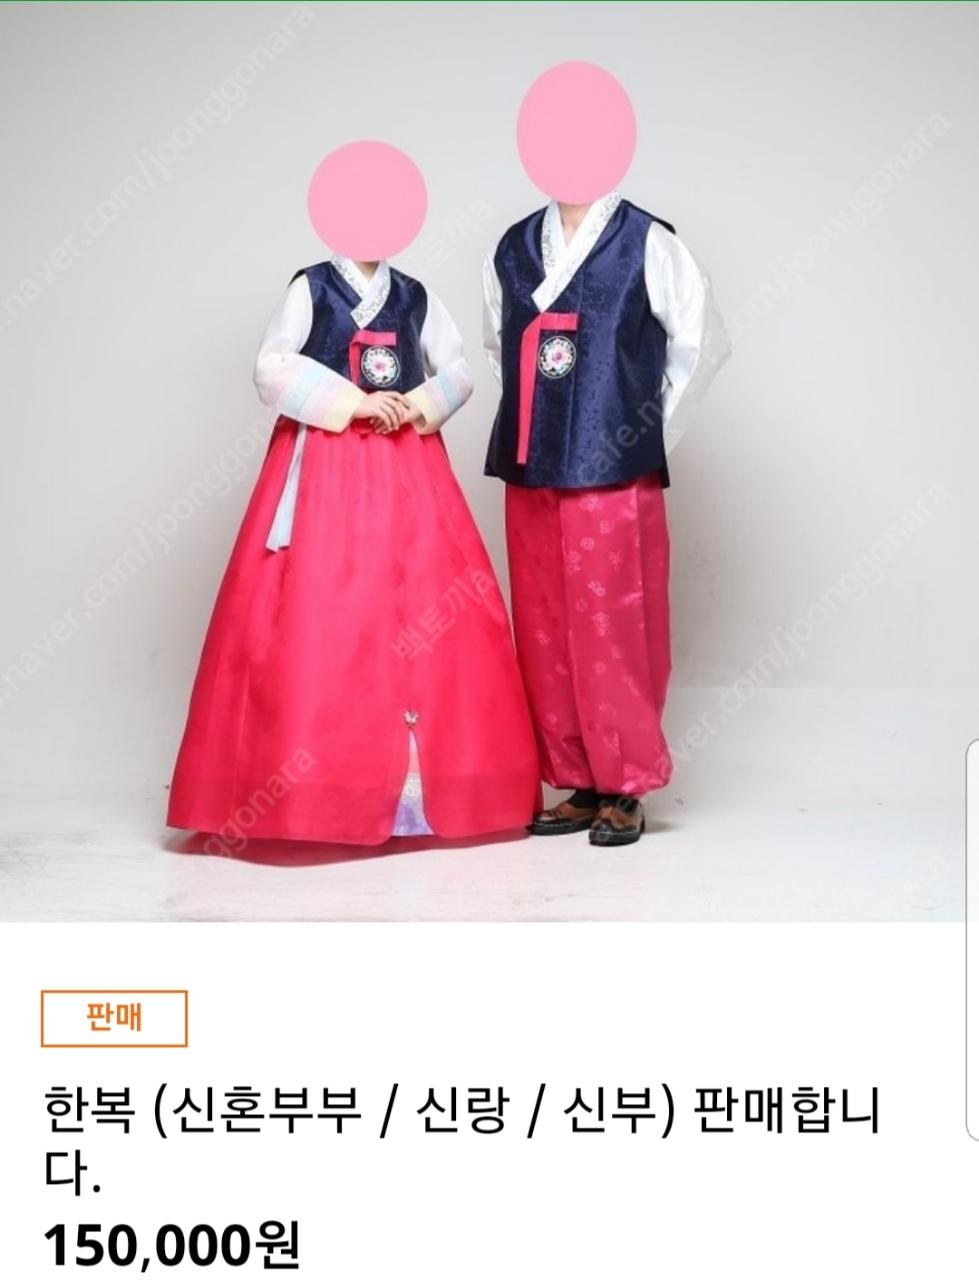 어른한복/신부한복/신랑한복/돌잔치한복/여자한복/남자한복